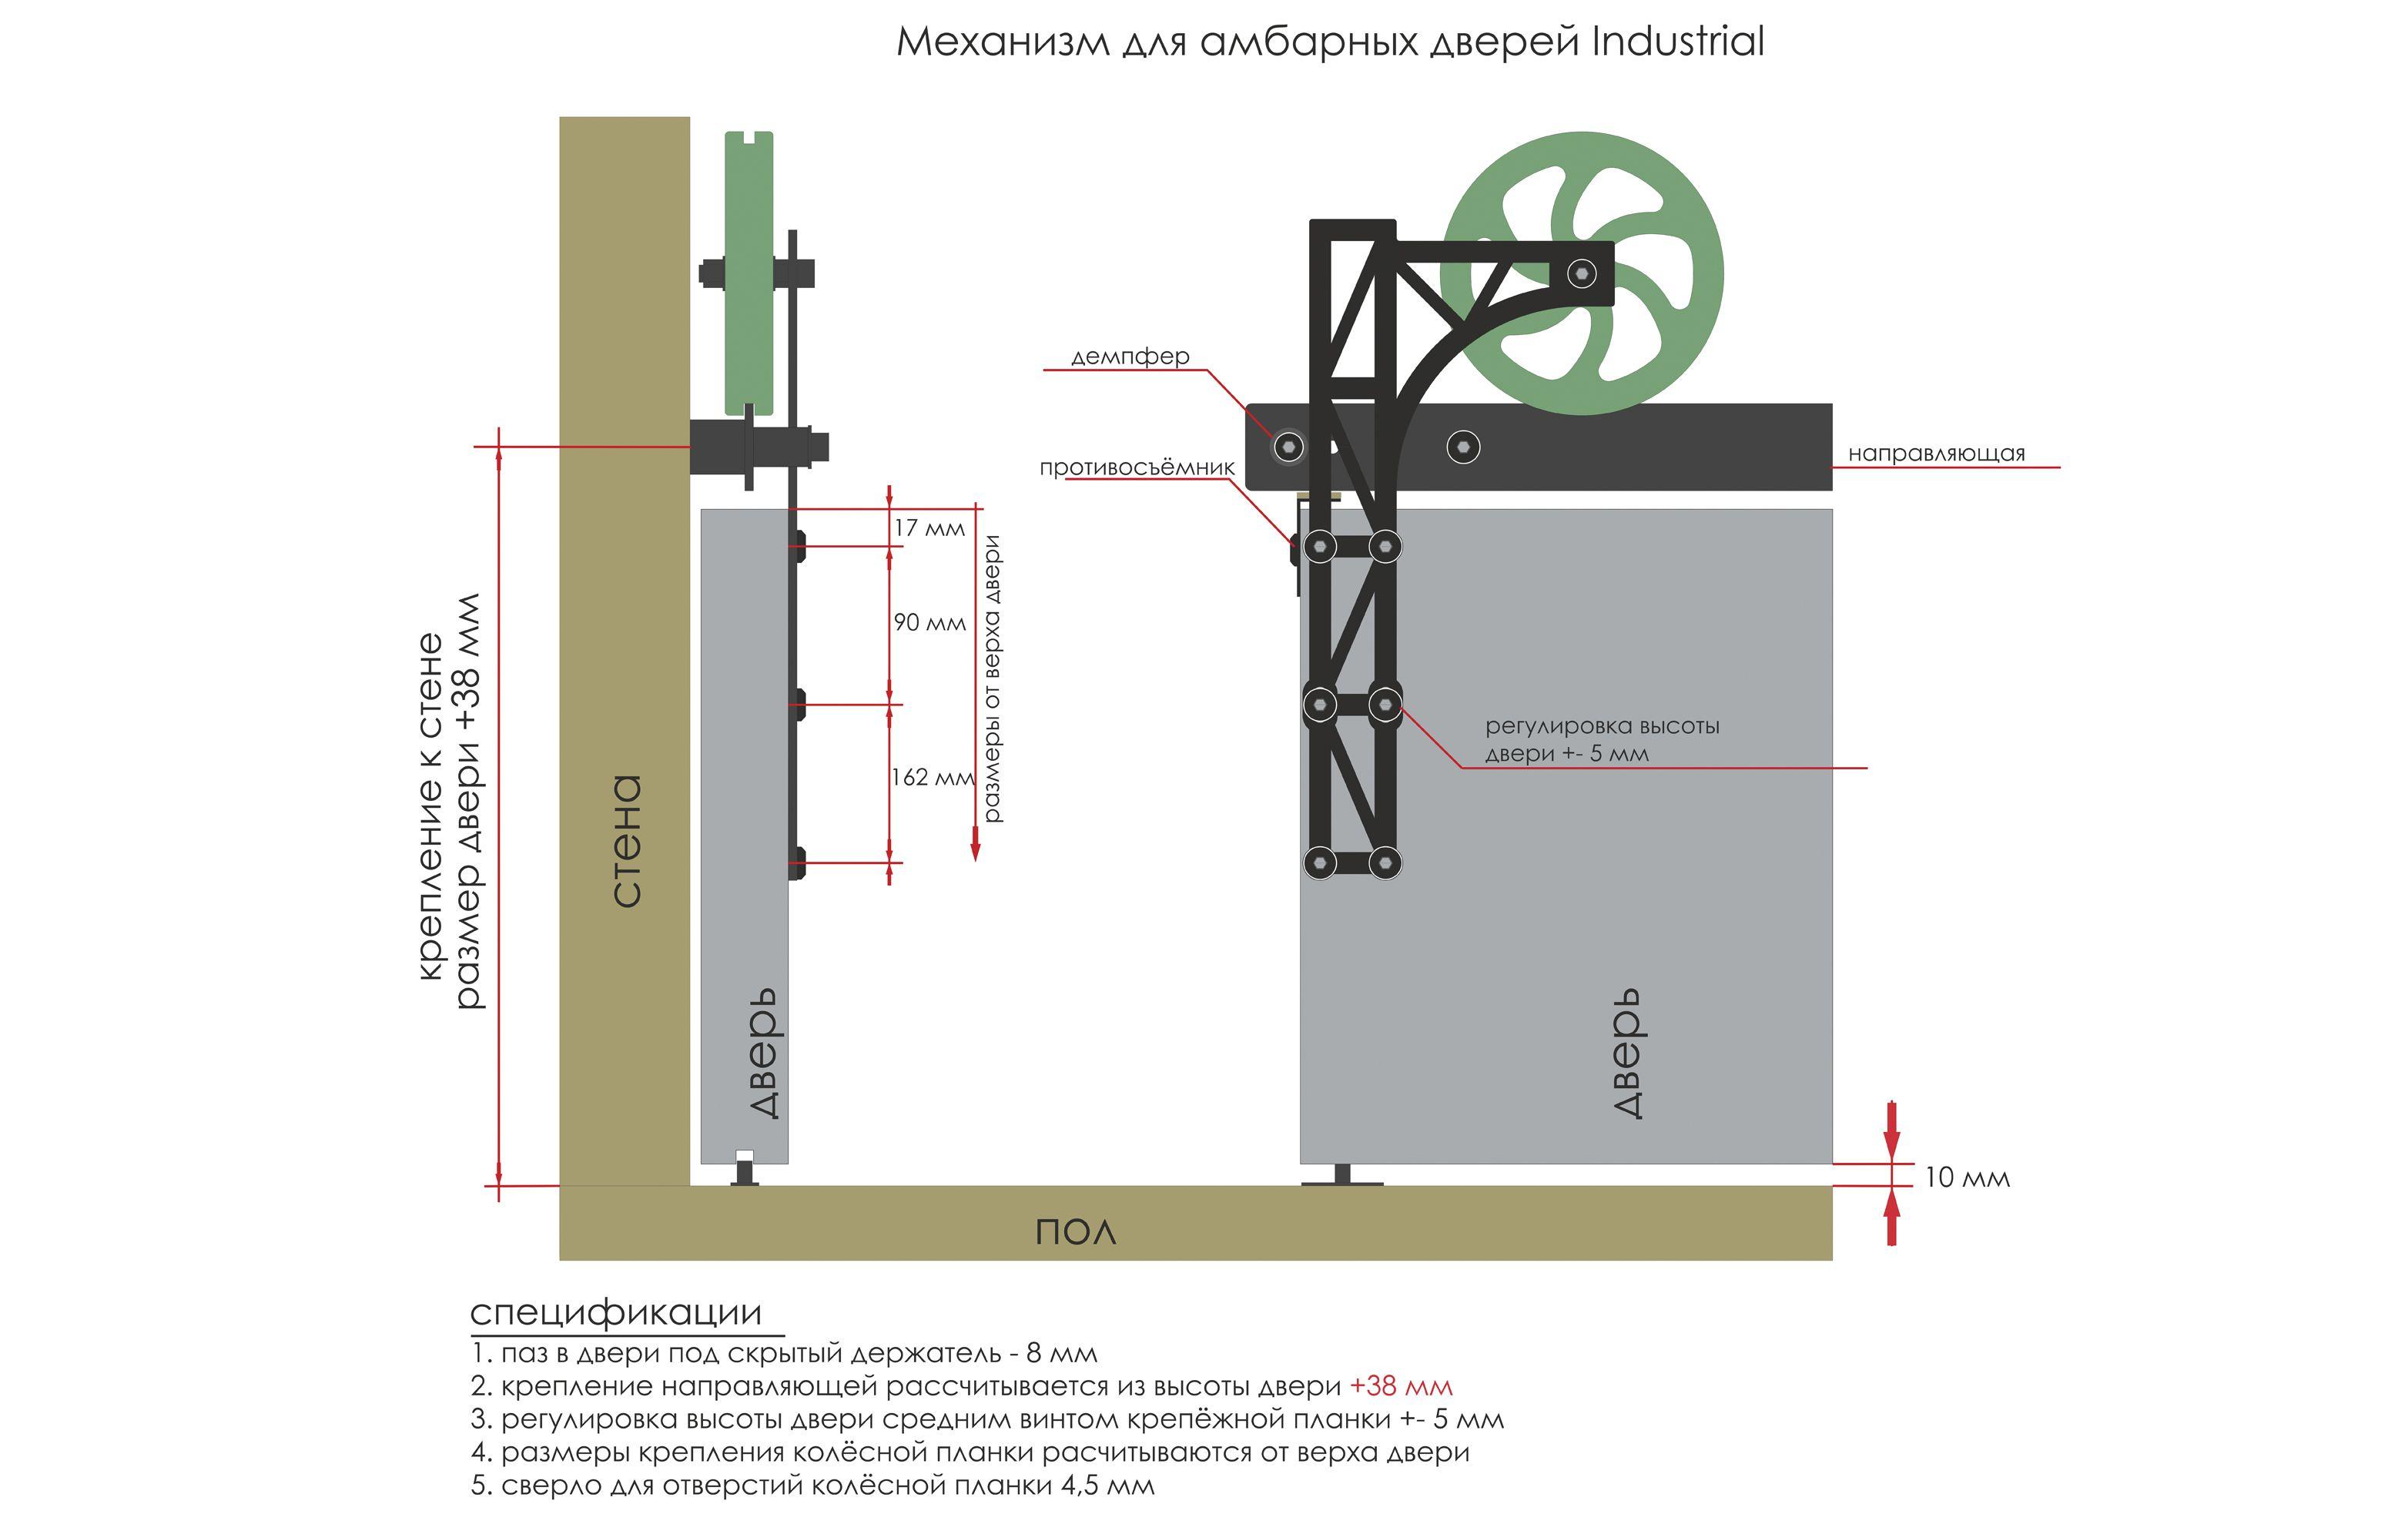 интерьера механизм интерьер дизайн амбарные двери амбарный пространство лофт раздвижные